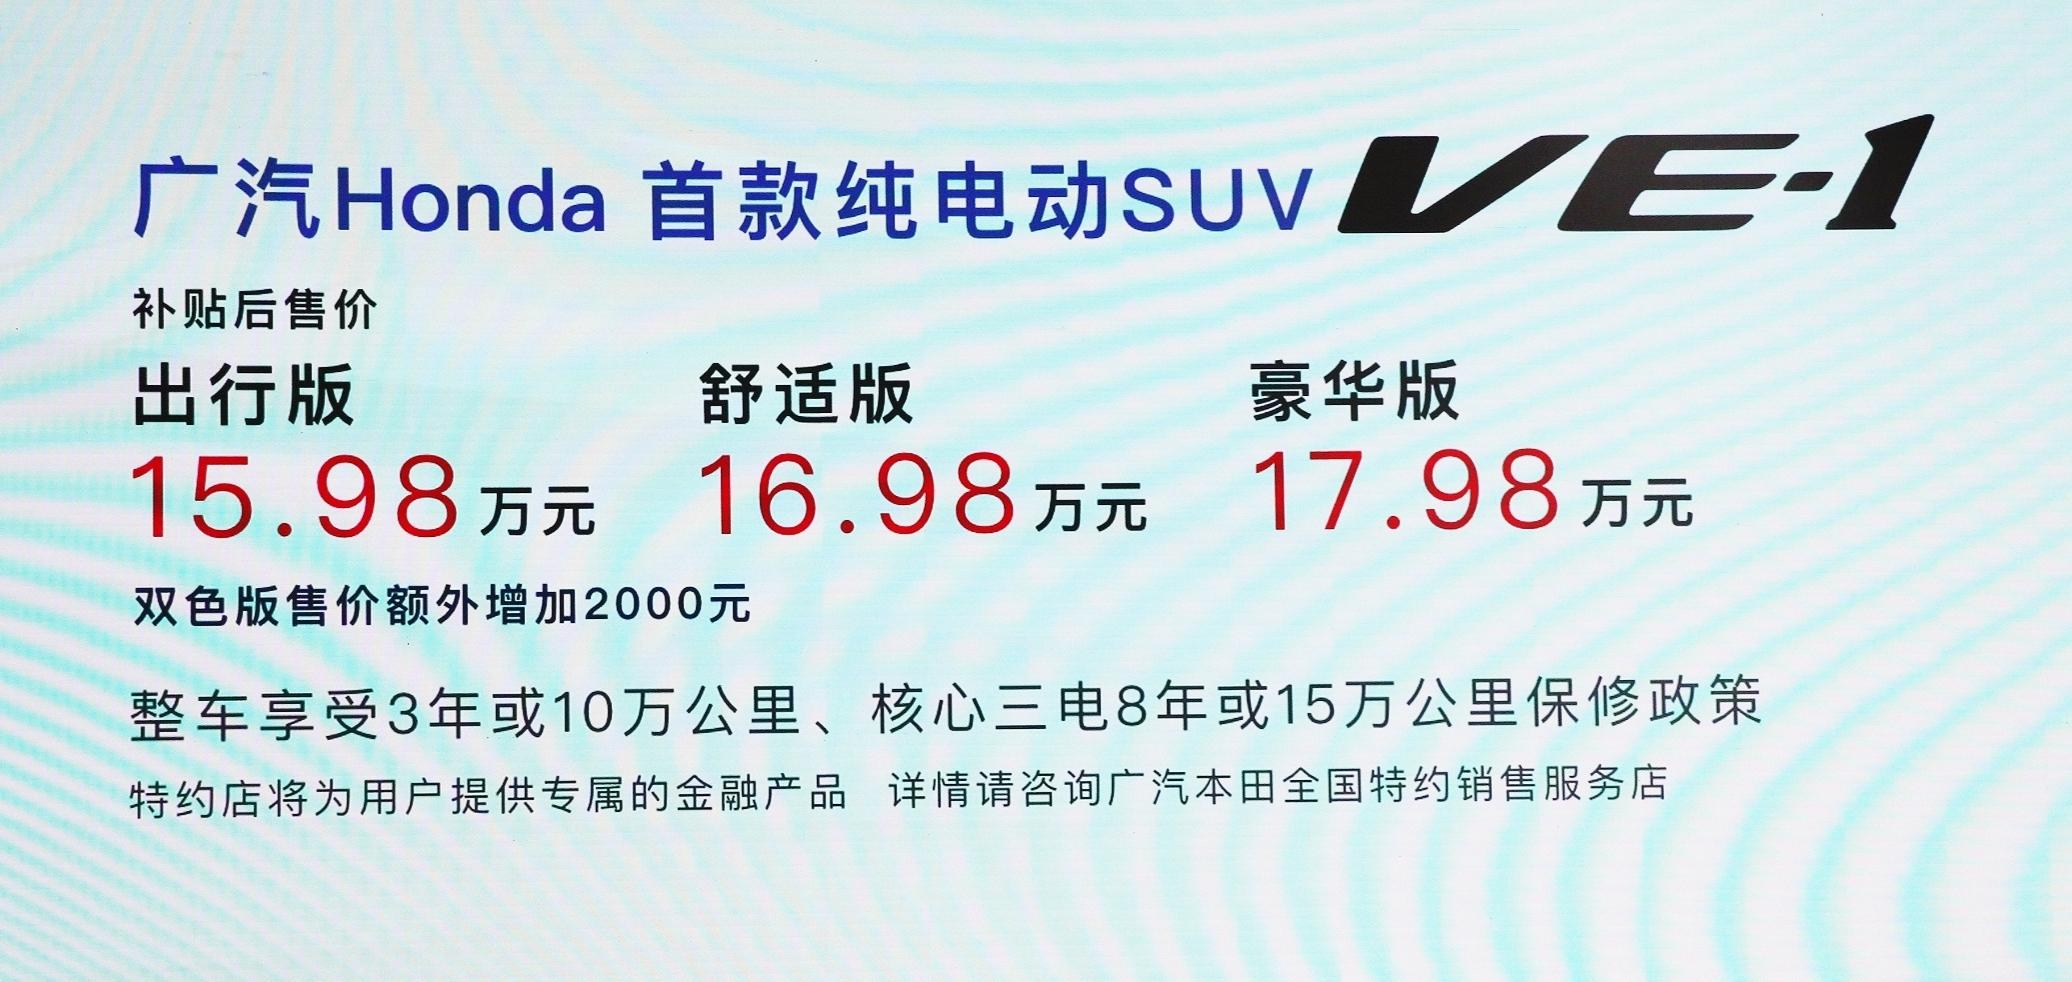 合资品牌的纯电浪潮即将由广本VE-1掀起